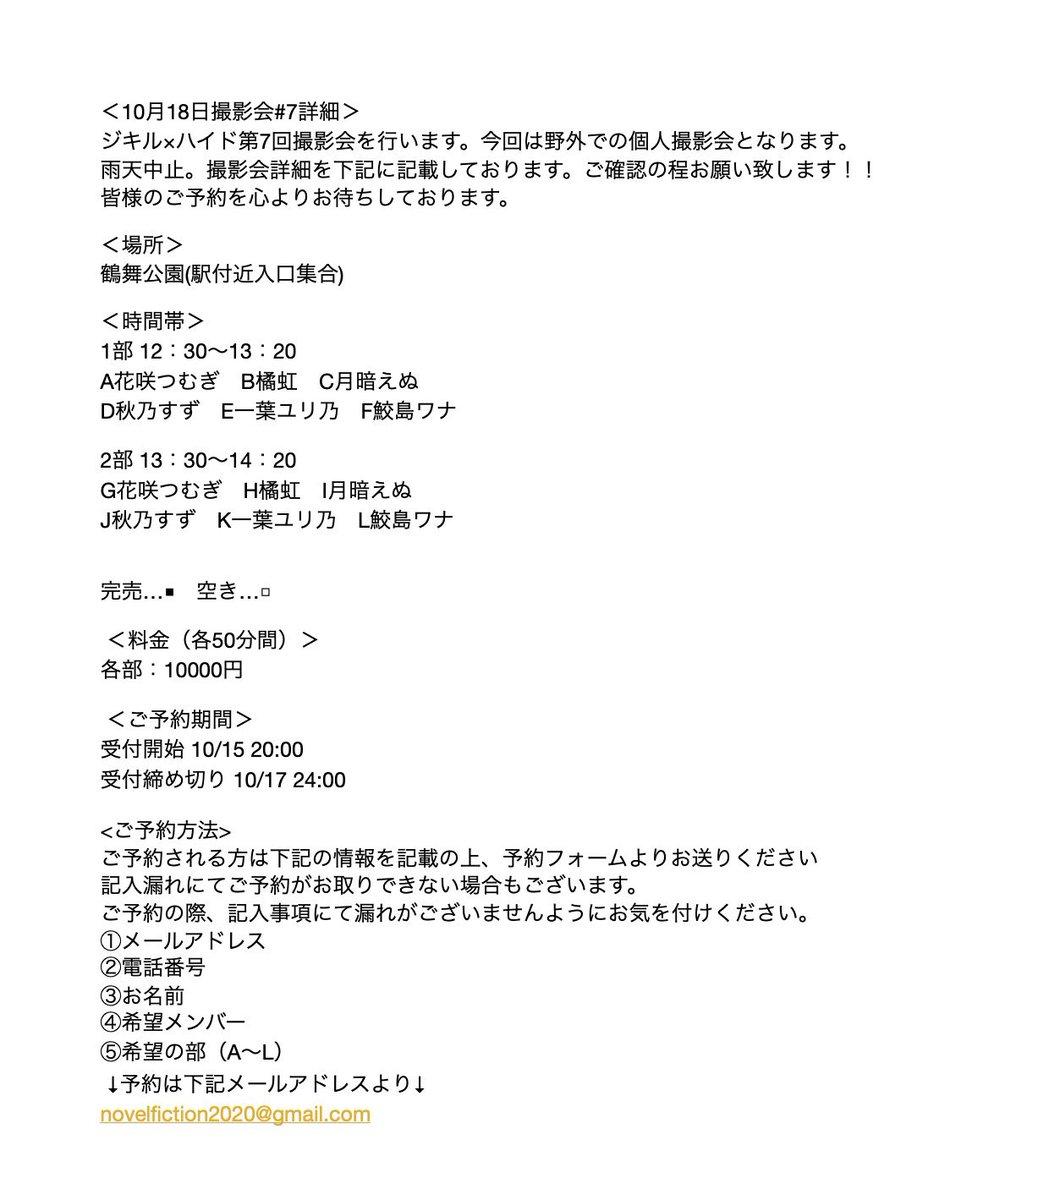 【10/18 撮影会のお知らせ】 10/15 20:00〜予約開始 ご予約はこちらのメールアドレスまで↓ novelfiction2020@gmail.com  #名古屋撮影会 #ポートレート撮影会 https://t.co/UTFaAUcd3g